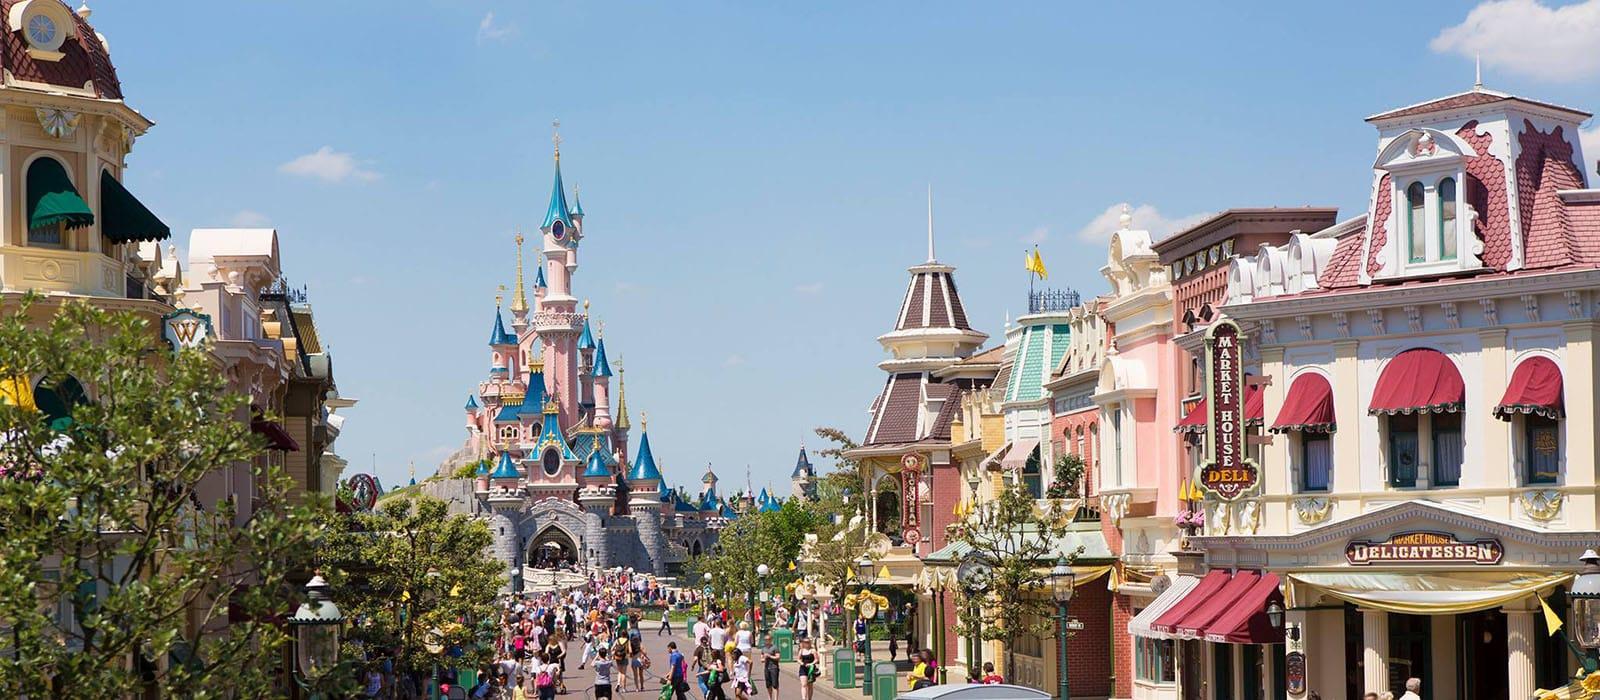 Disneyland Paris <br> opent op 15 juli 2020